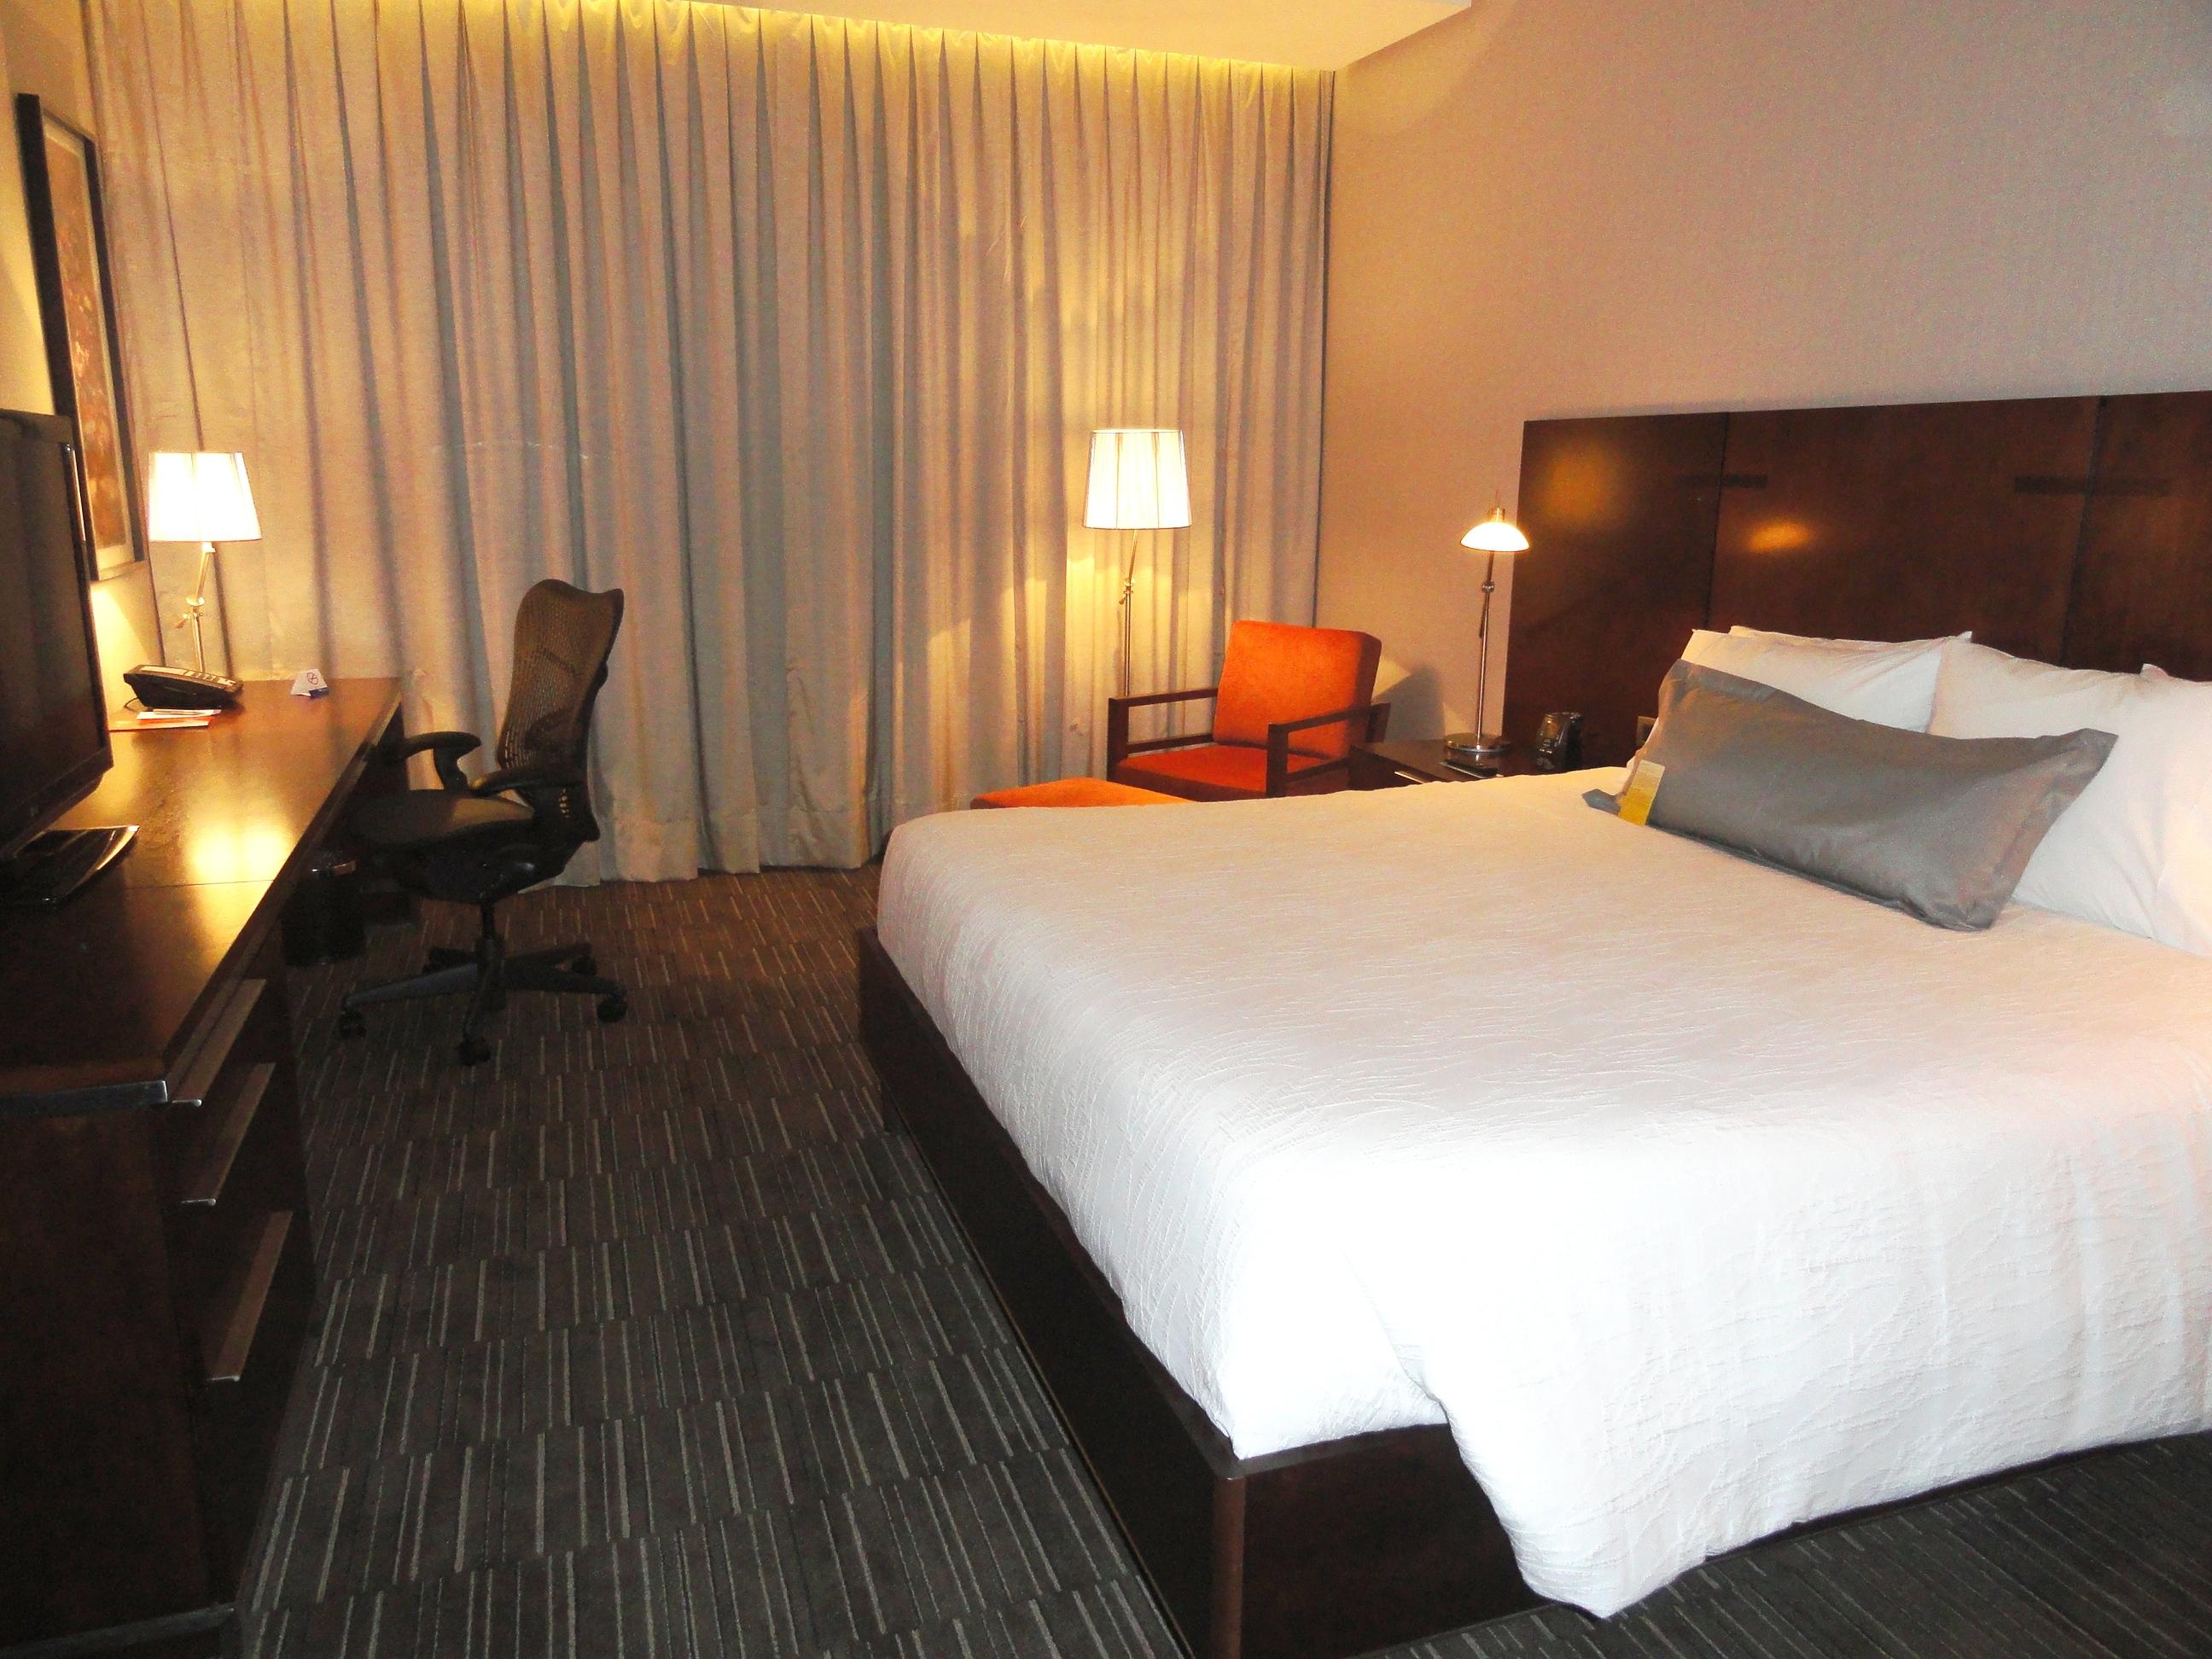 Hotel Hilton Garden Inn Santiago Airport Em Santiago Informa O Tarifas E Reservas